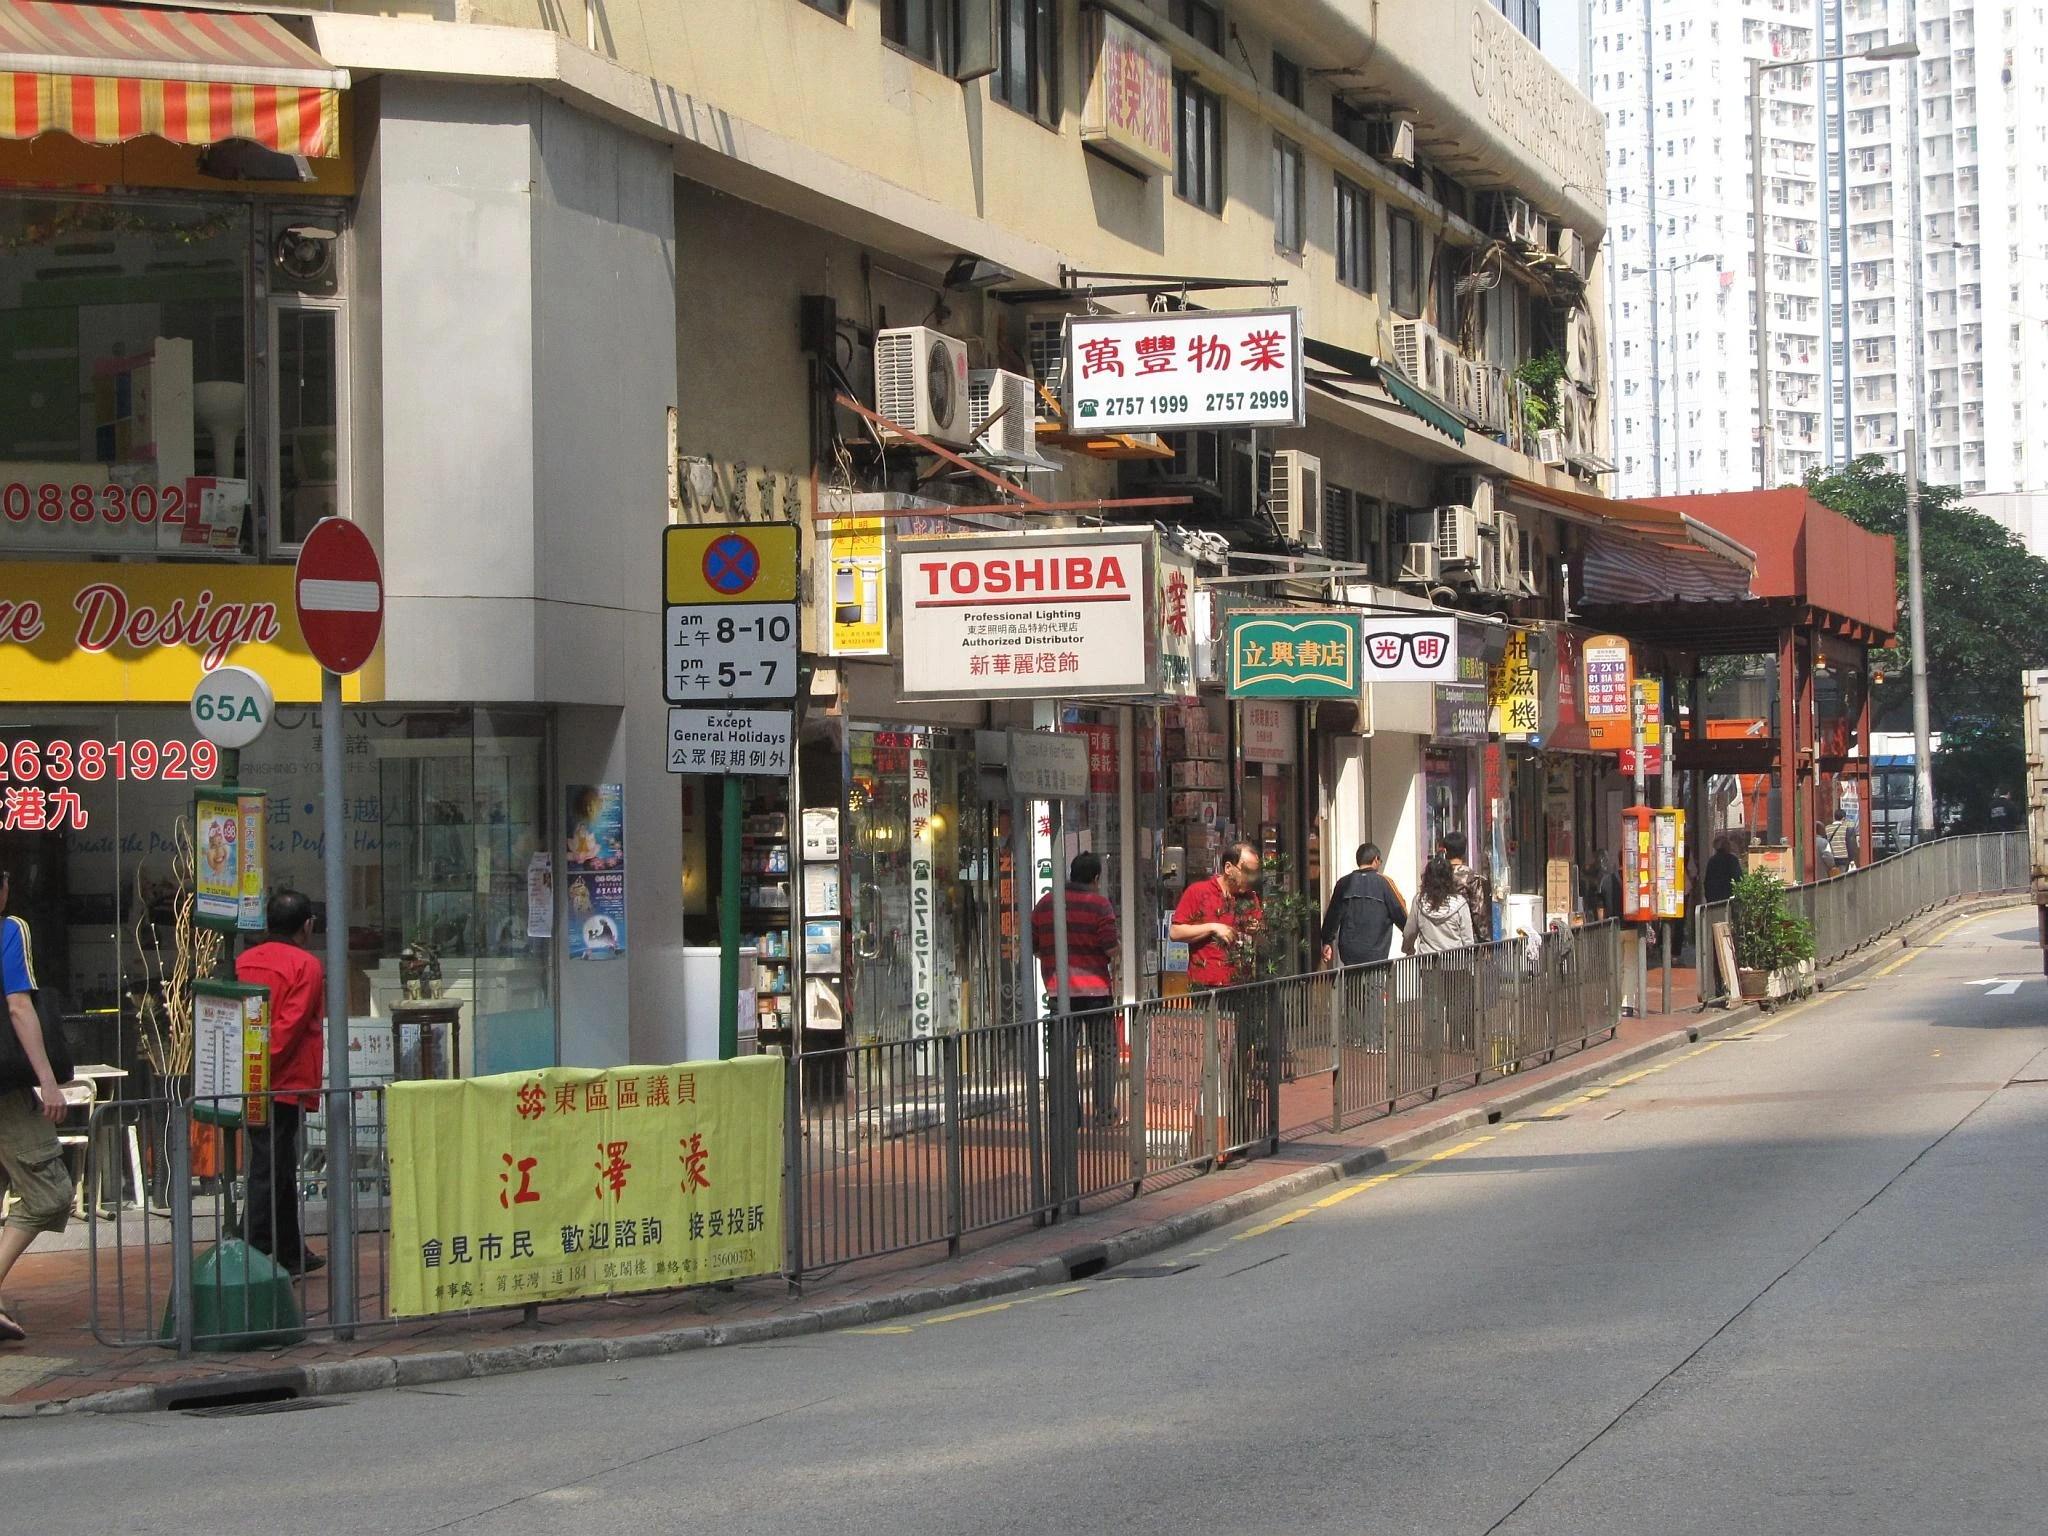 愛秩序灣道 (筲箕灣道) - 香港巴士大典